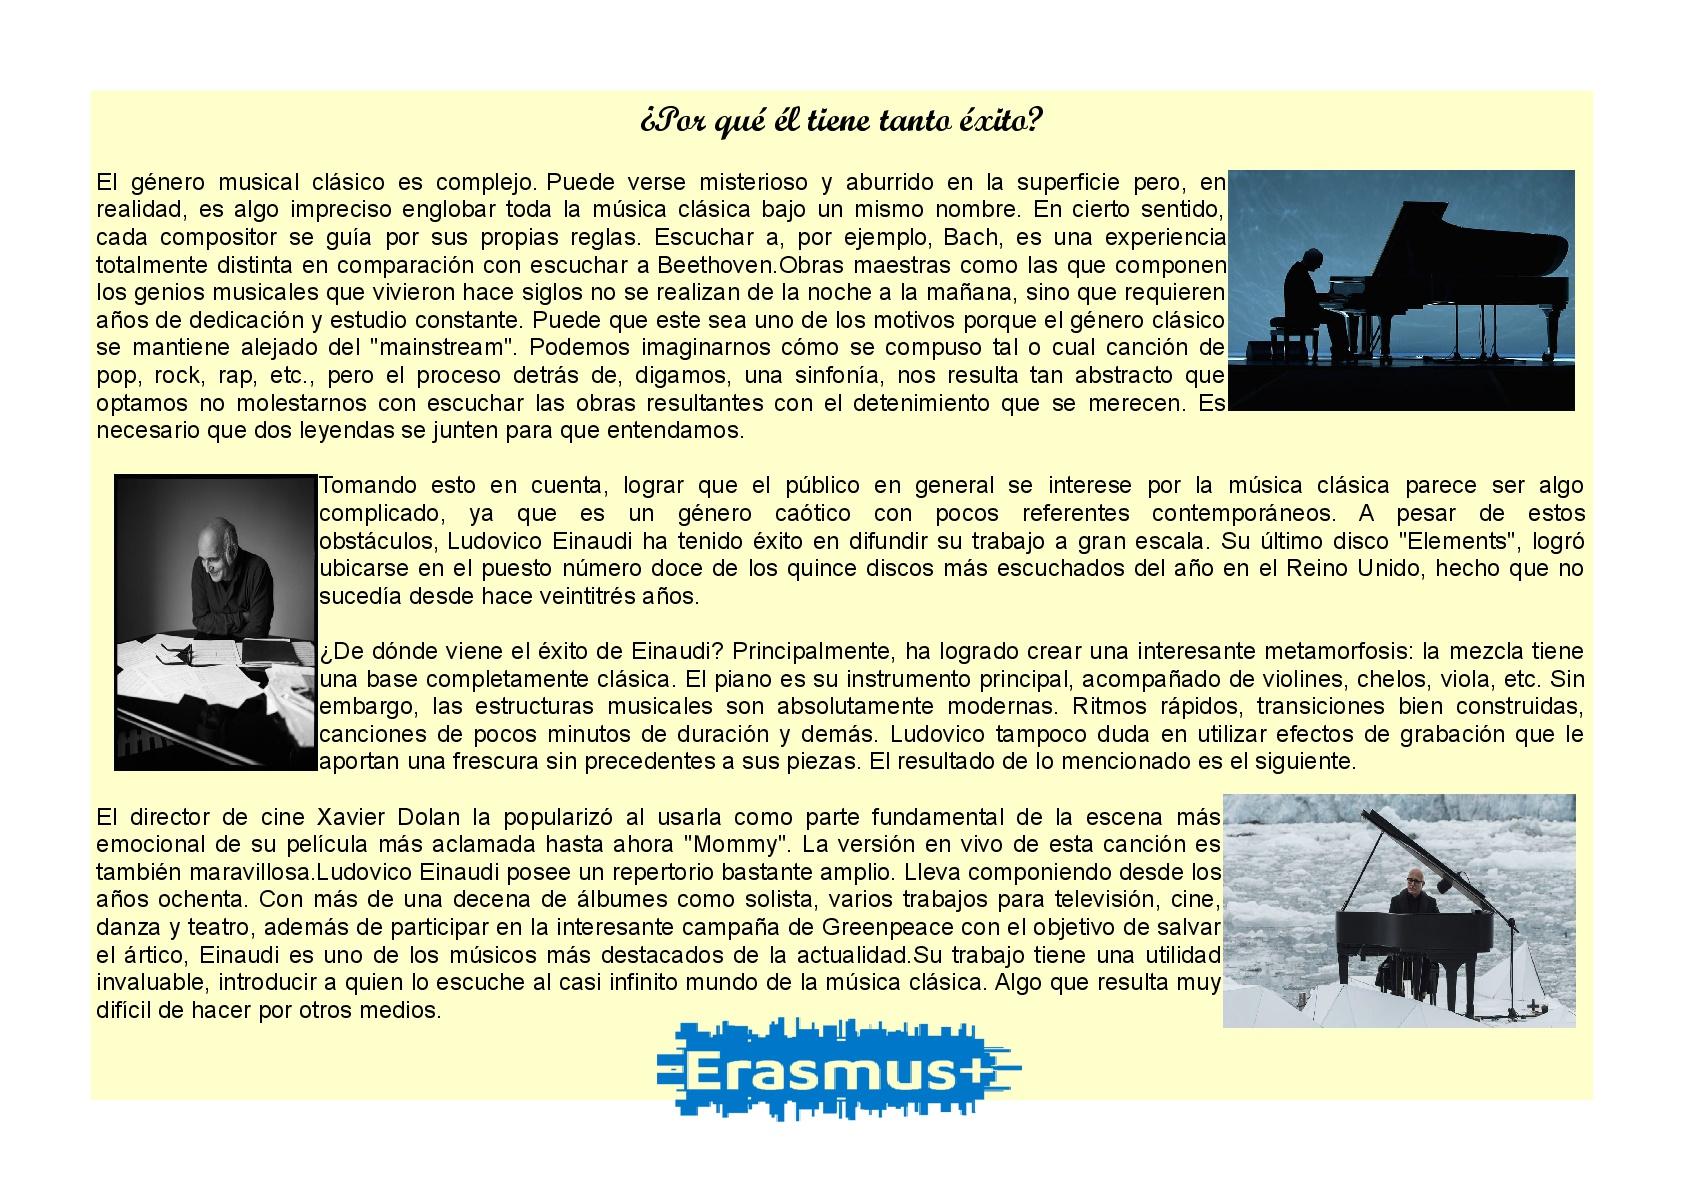 Ludovico-Einaudi-002